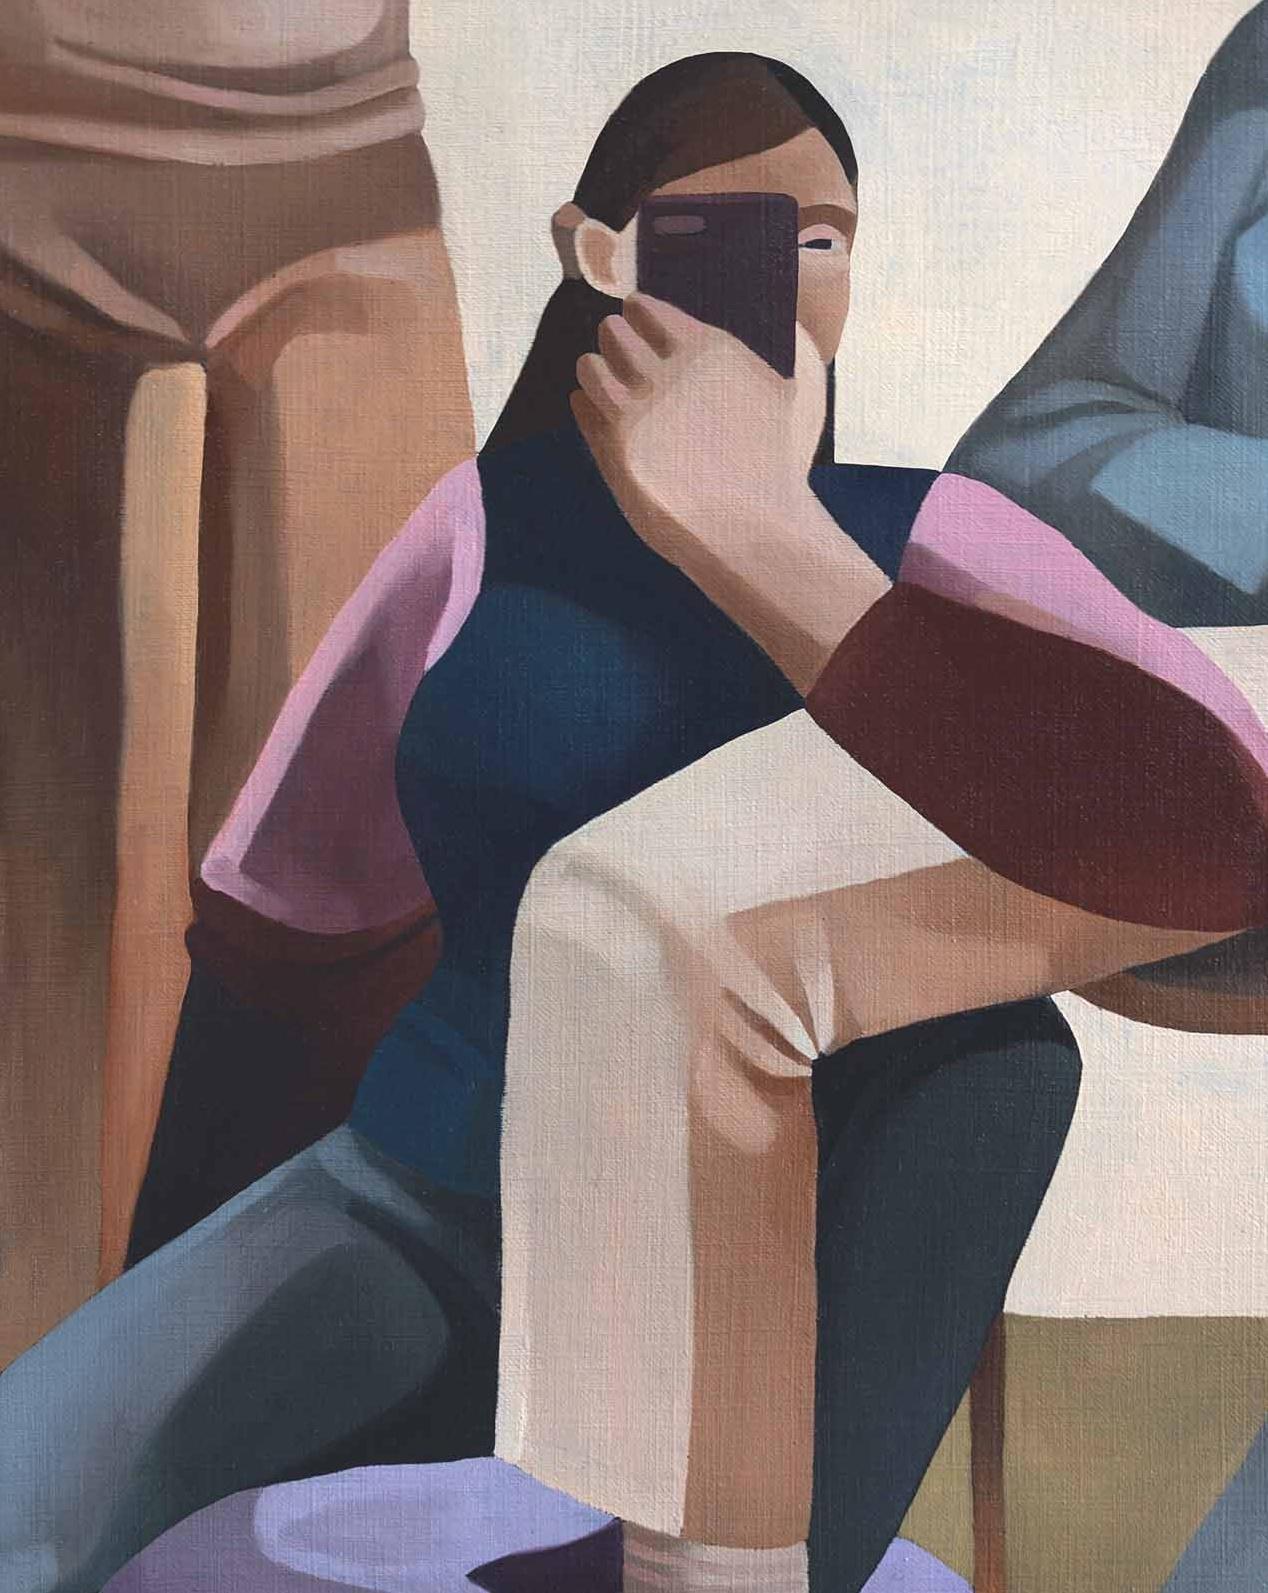 Par Marguerite Baux — Illustrations Diane Del-Pra